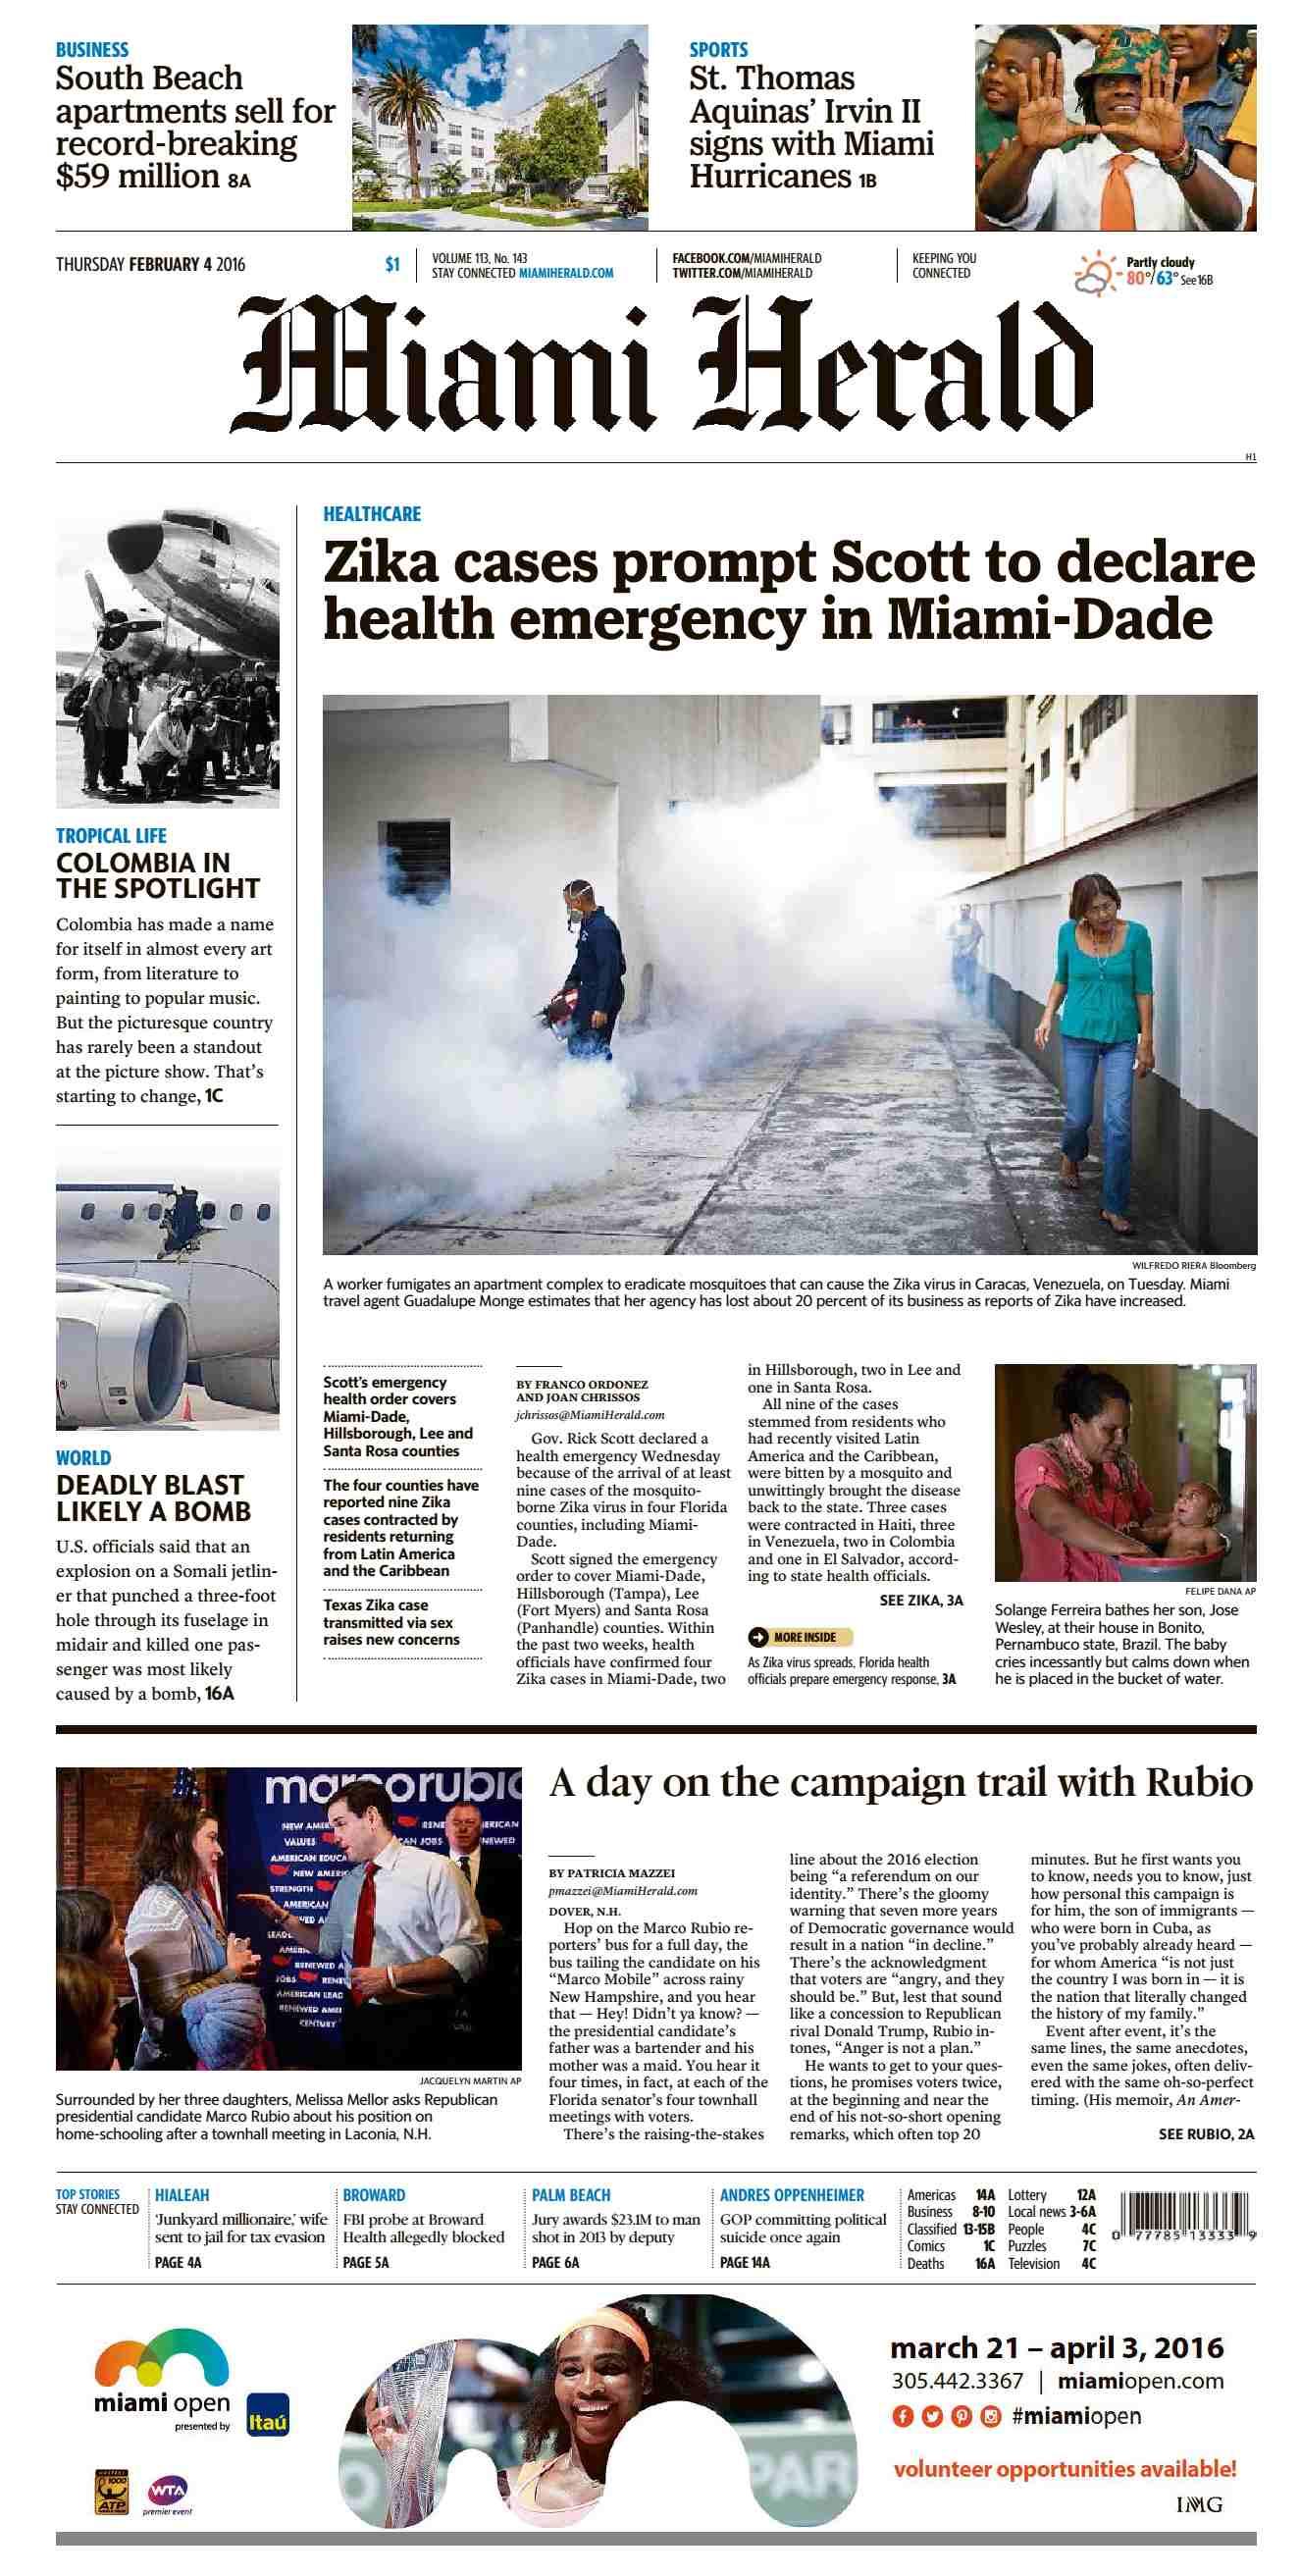 Miami Herald - February 04, 2016 / AvaxHome